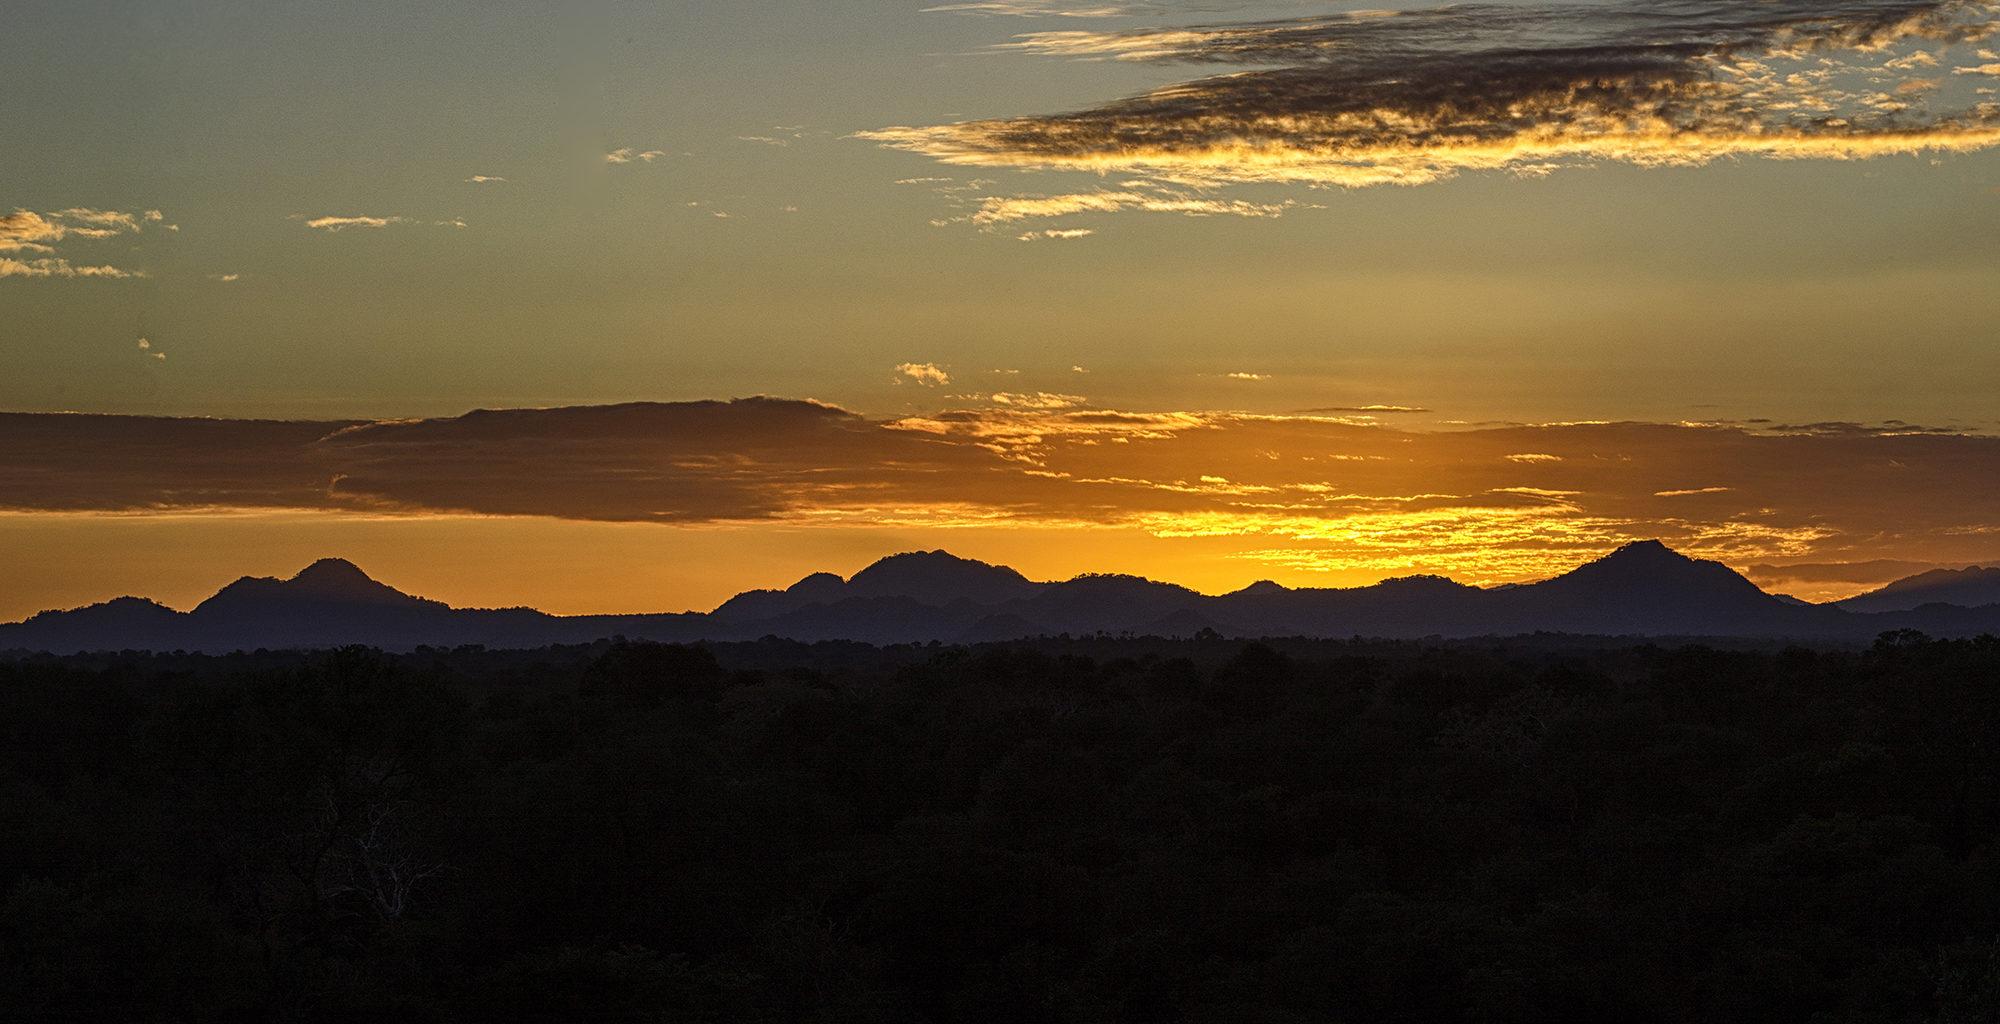 Malawi-Majete-Wildlife-Reserve-Sunset